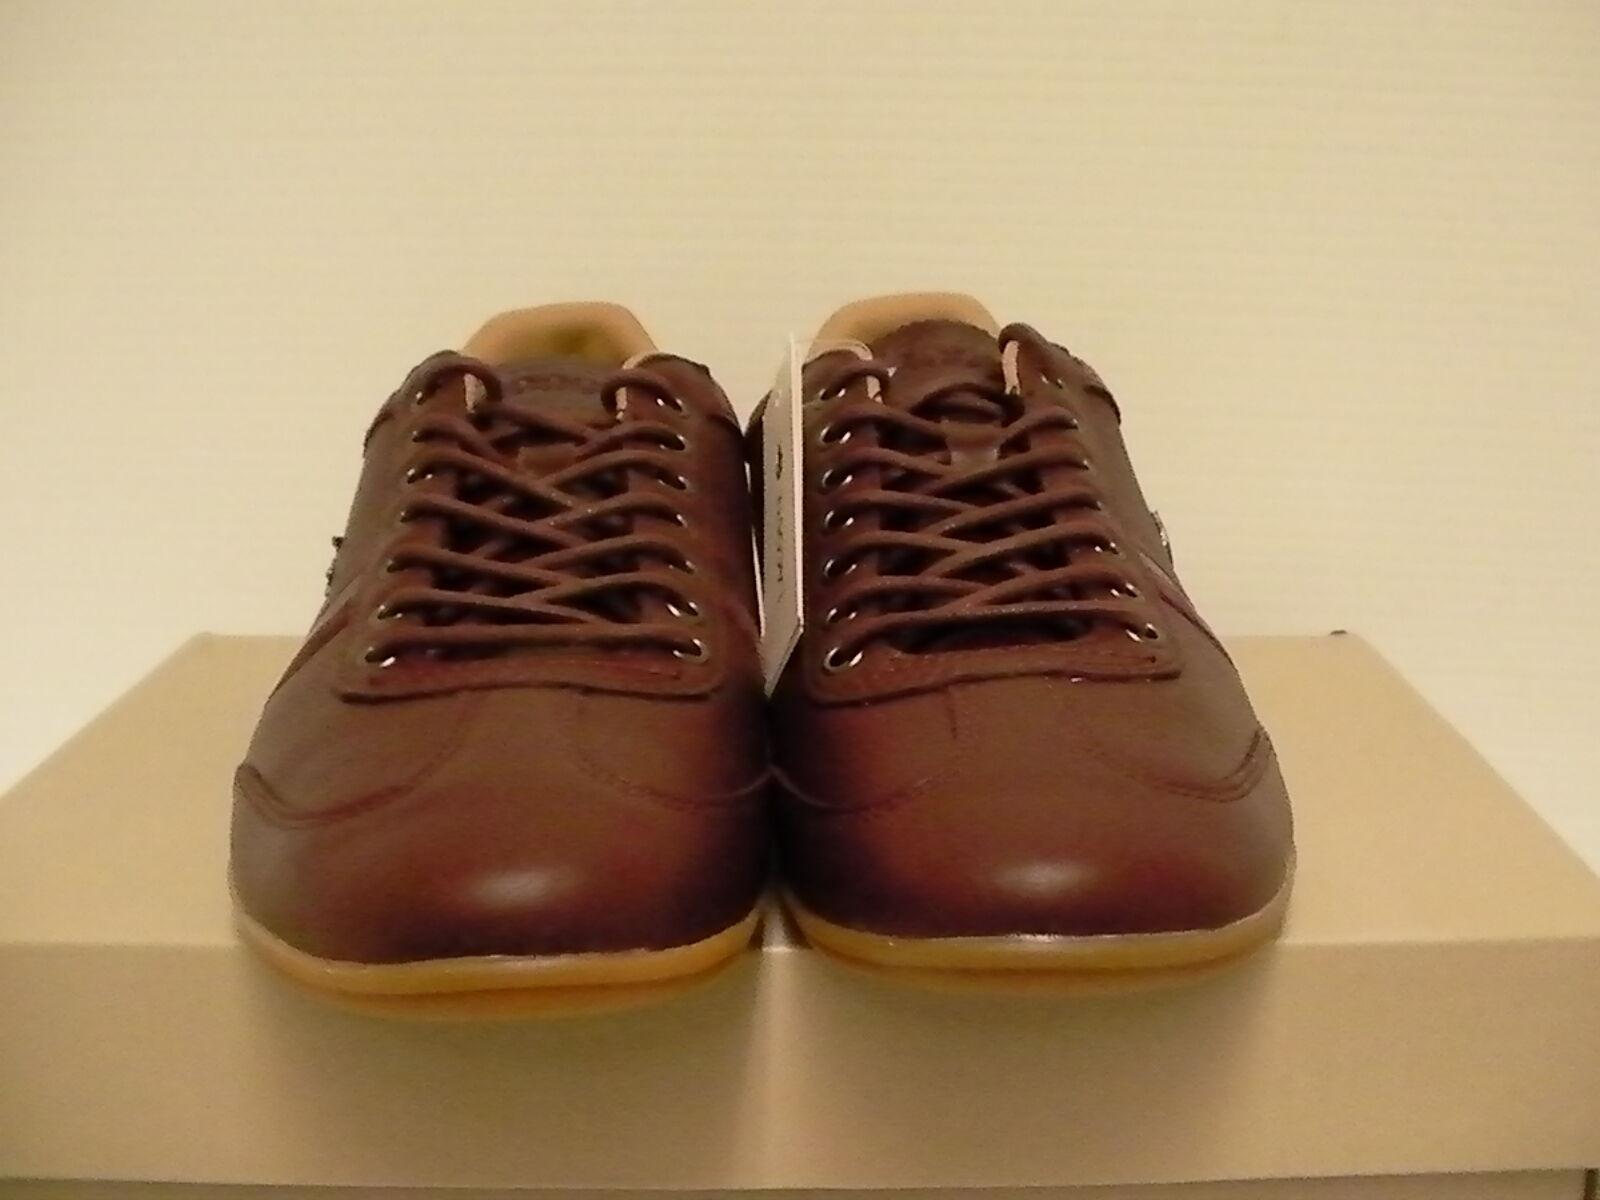 lacoste souliers misano taille 36 spm brun foncé taille misano 8 hommes a168c4